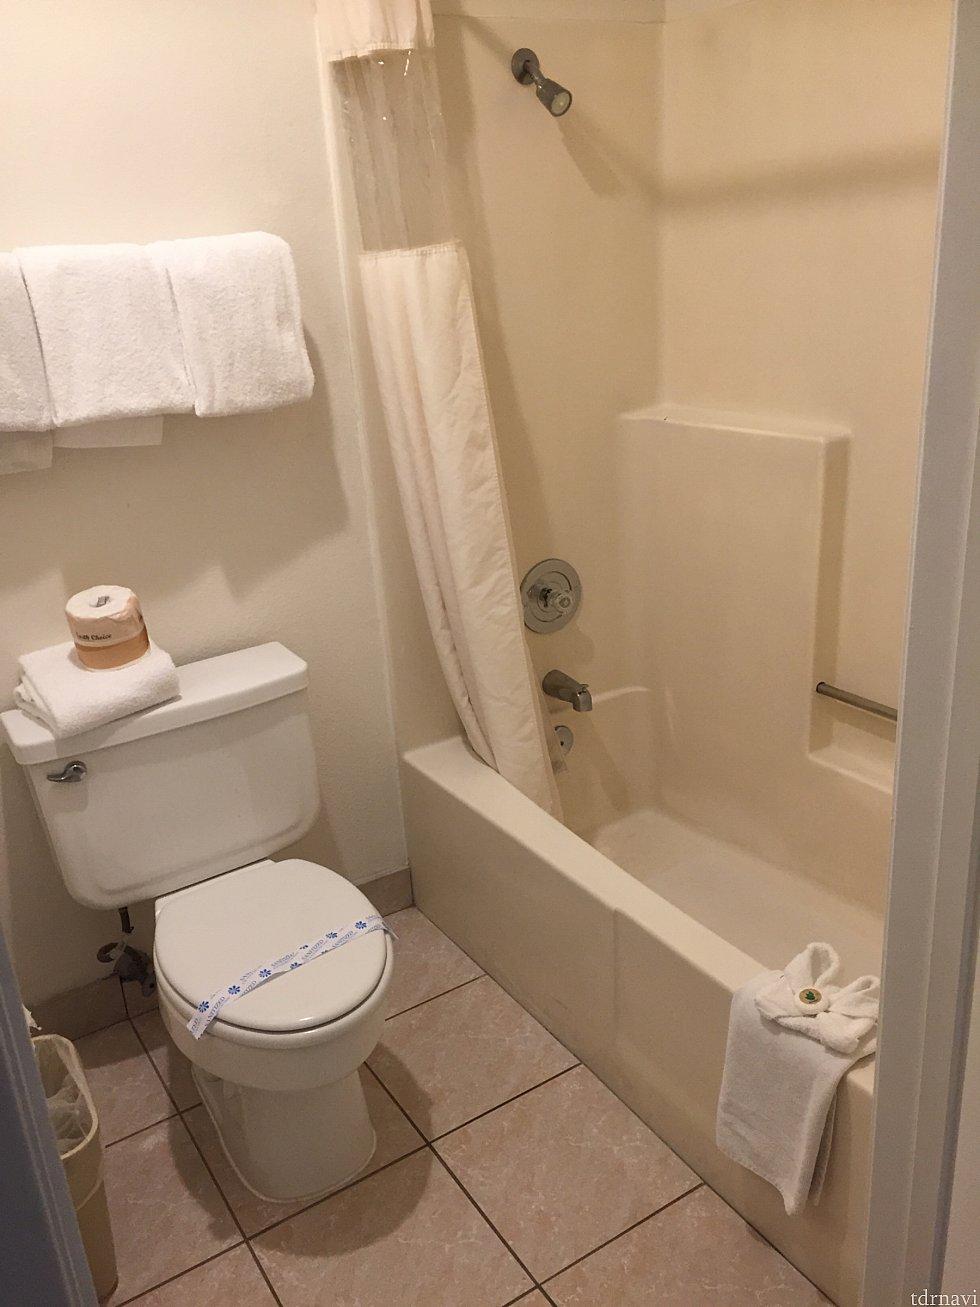 バスルームです。シャワーが固定式で、個人的に低めの位置だったのでちょっと使いづらかったです。